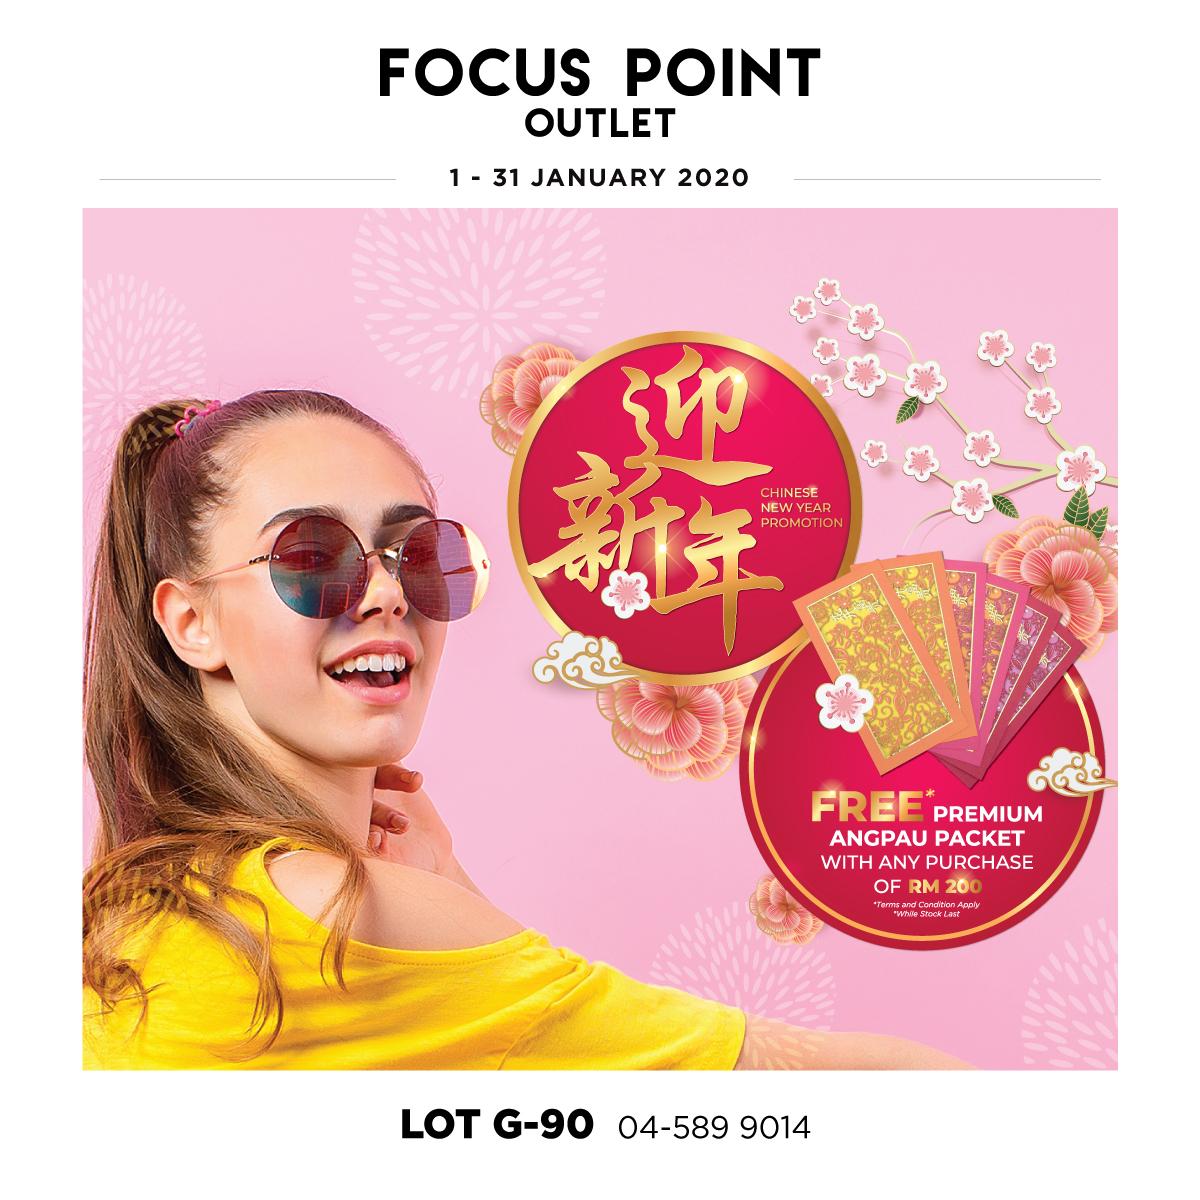 FP-Outlet-Penang-Design-Village-CNY-2020-FB